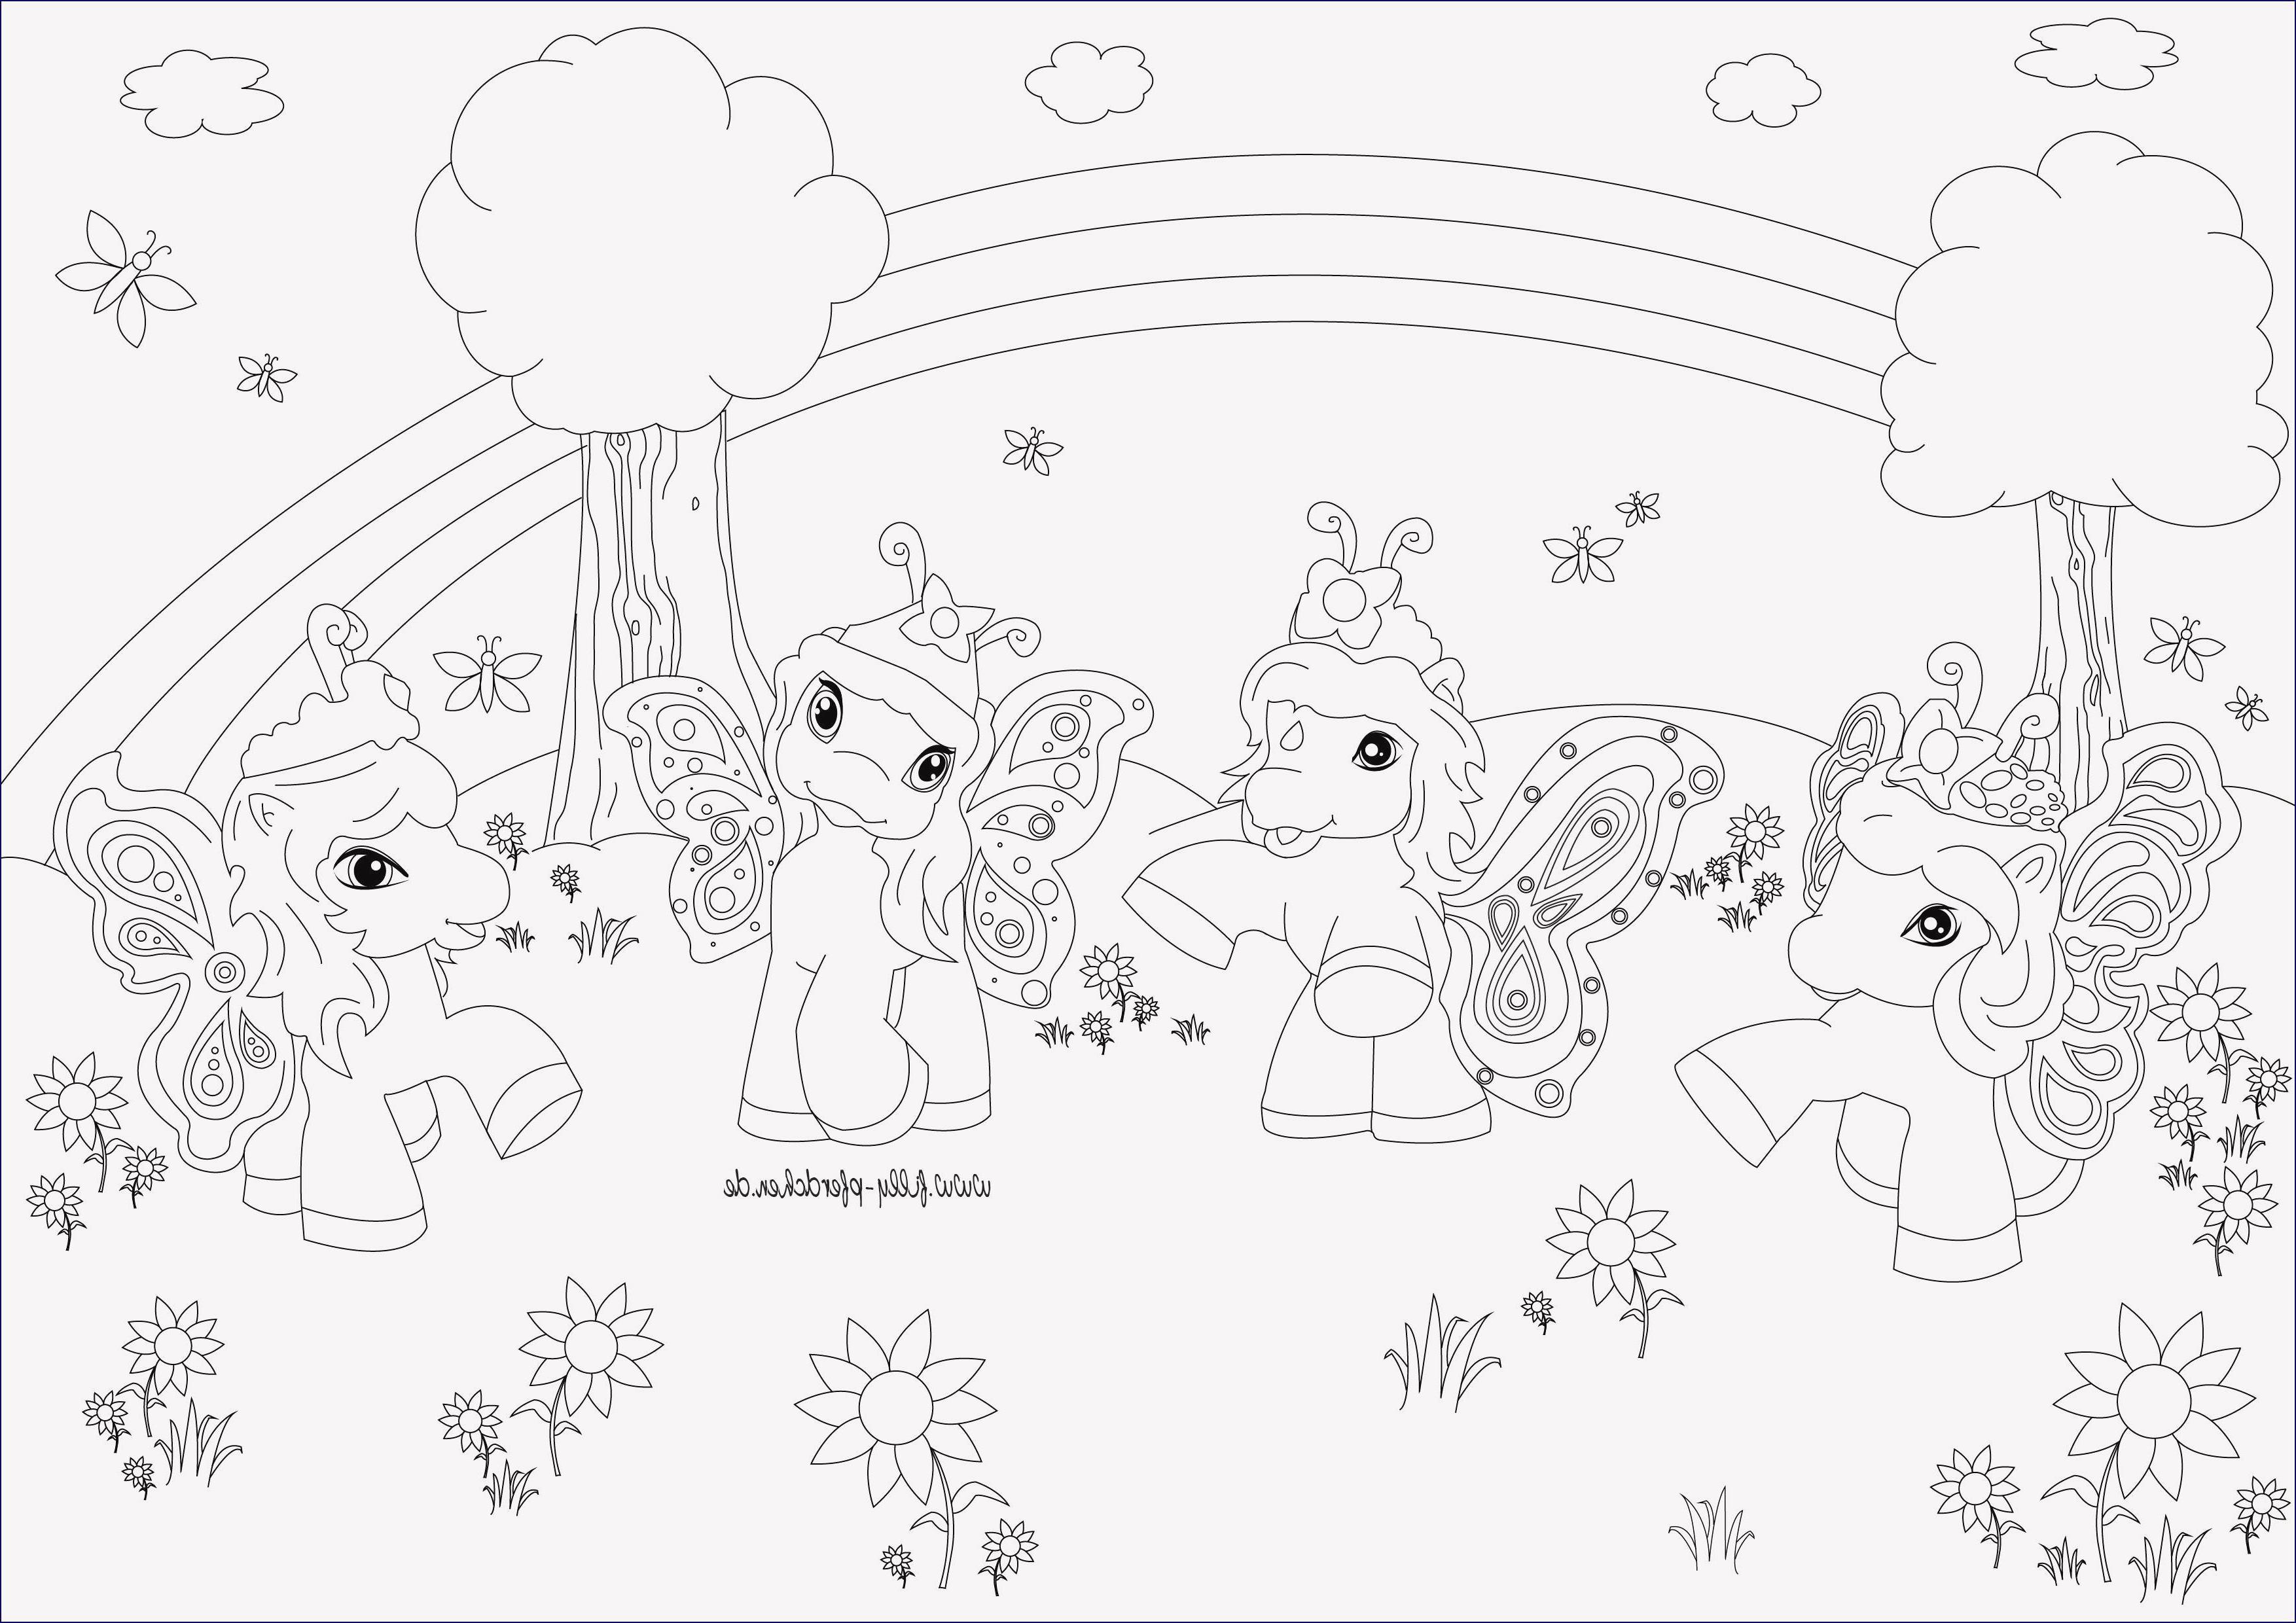 Ausmalbilder Filly Pferd Frisch 34 Fantastisch Bob Der Baumeister Ausmalbilder – Malvorlagen Ideen Das Bild